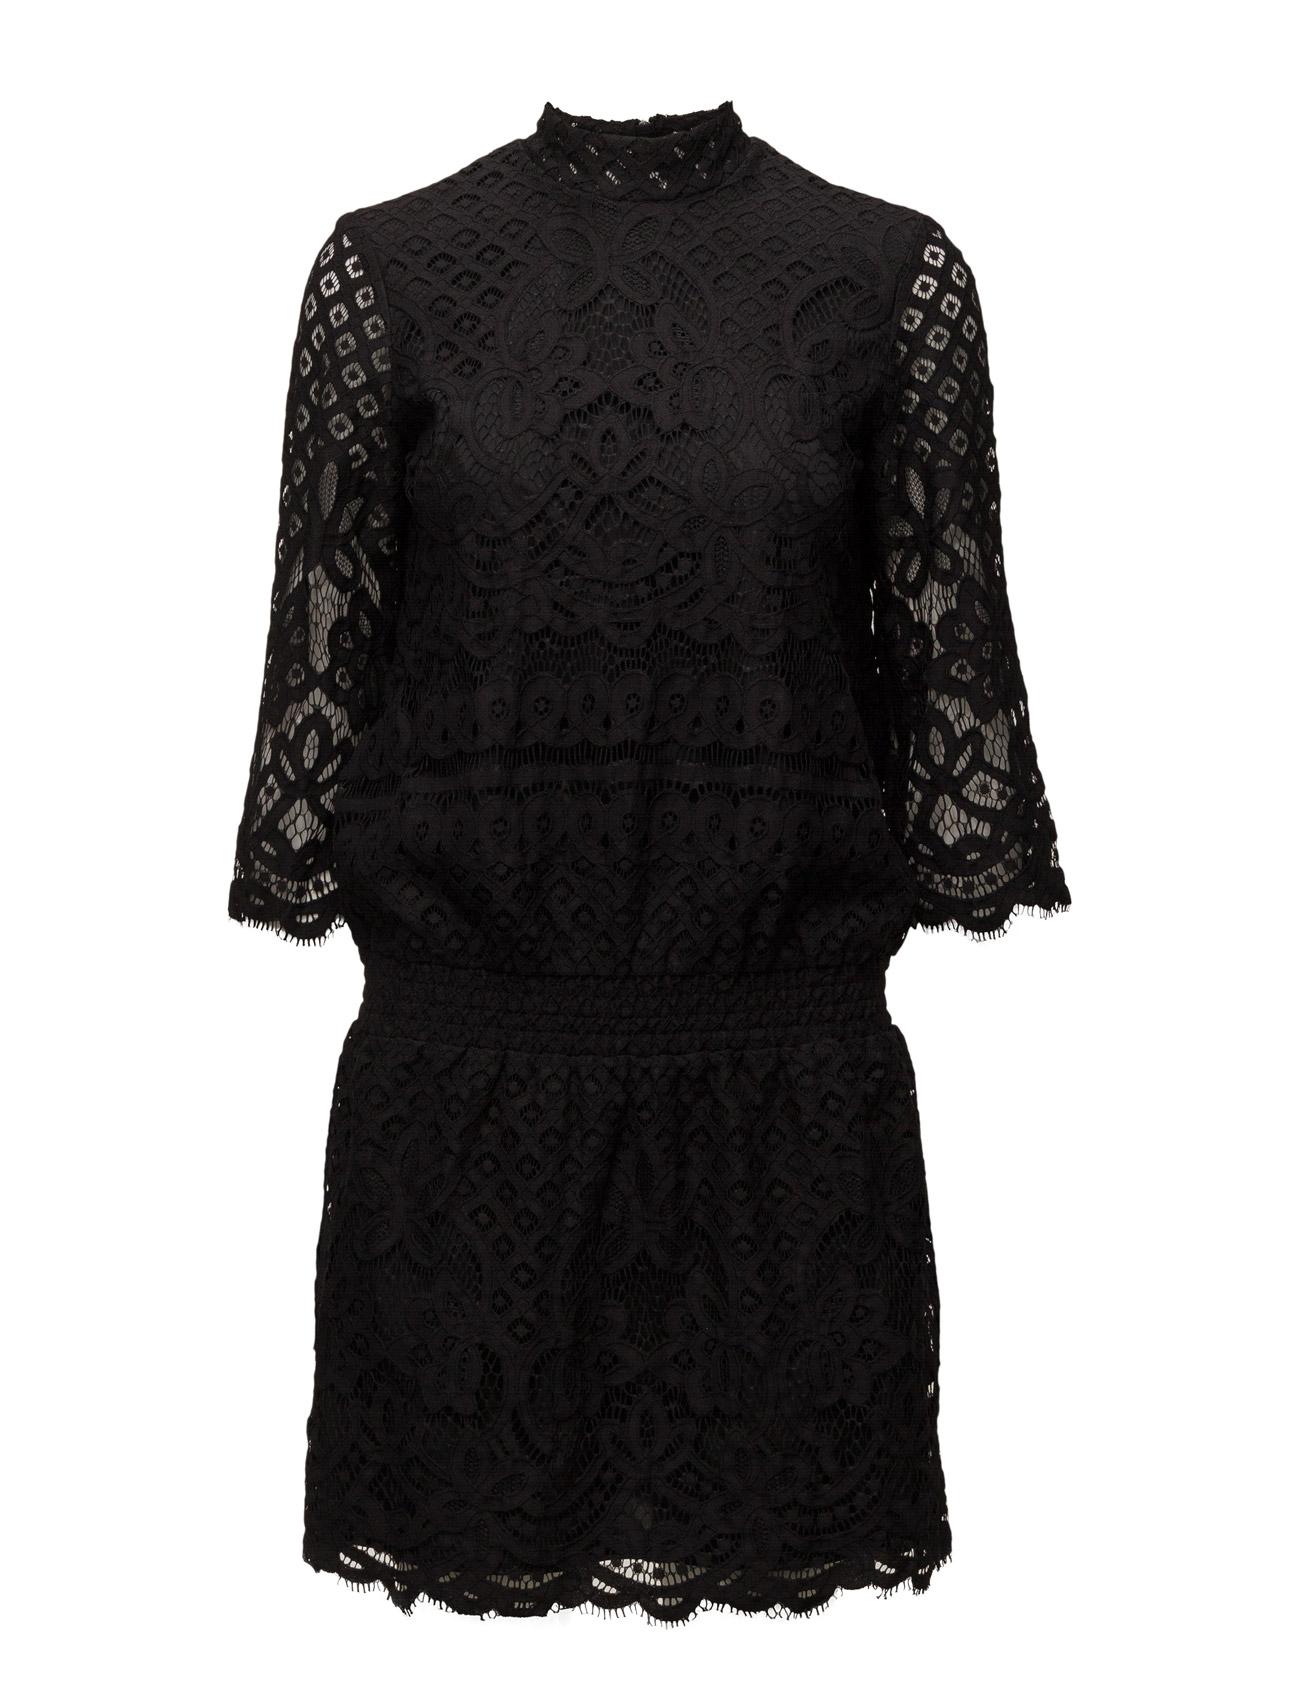 Audrey Dress Designers Remix Korte kjoler til Kvinder i Sort